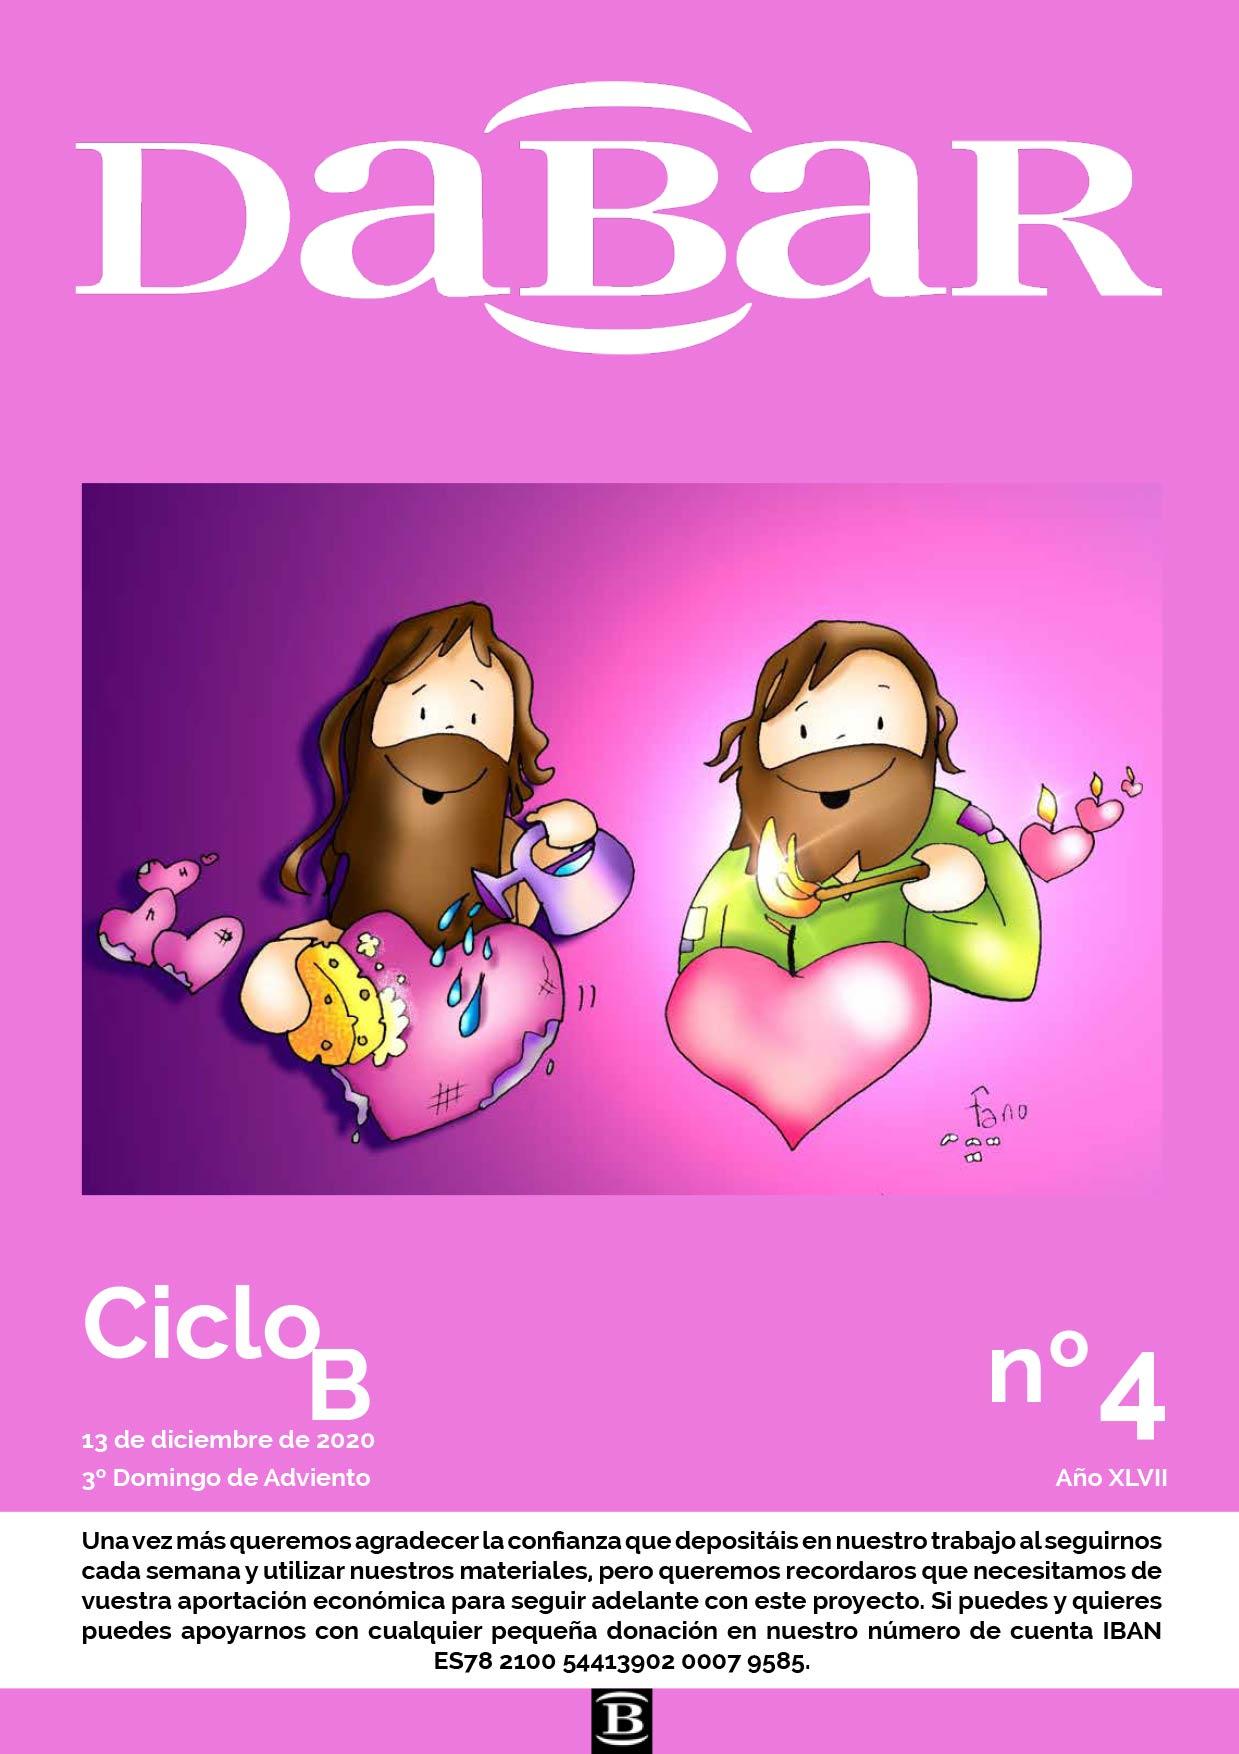 Dabar Revista número 4 ciclo B